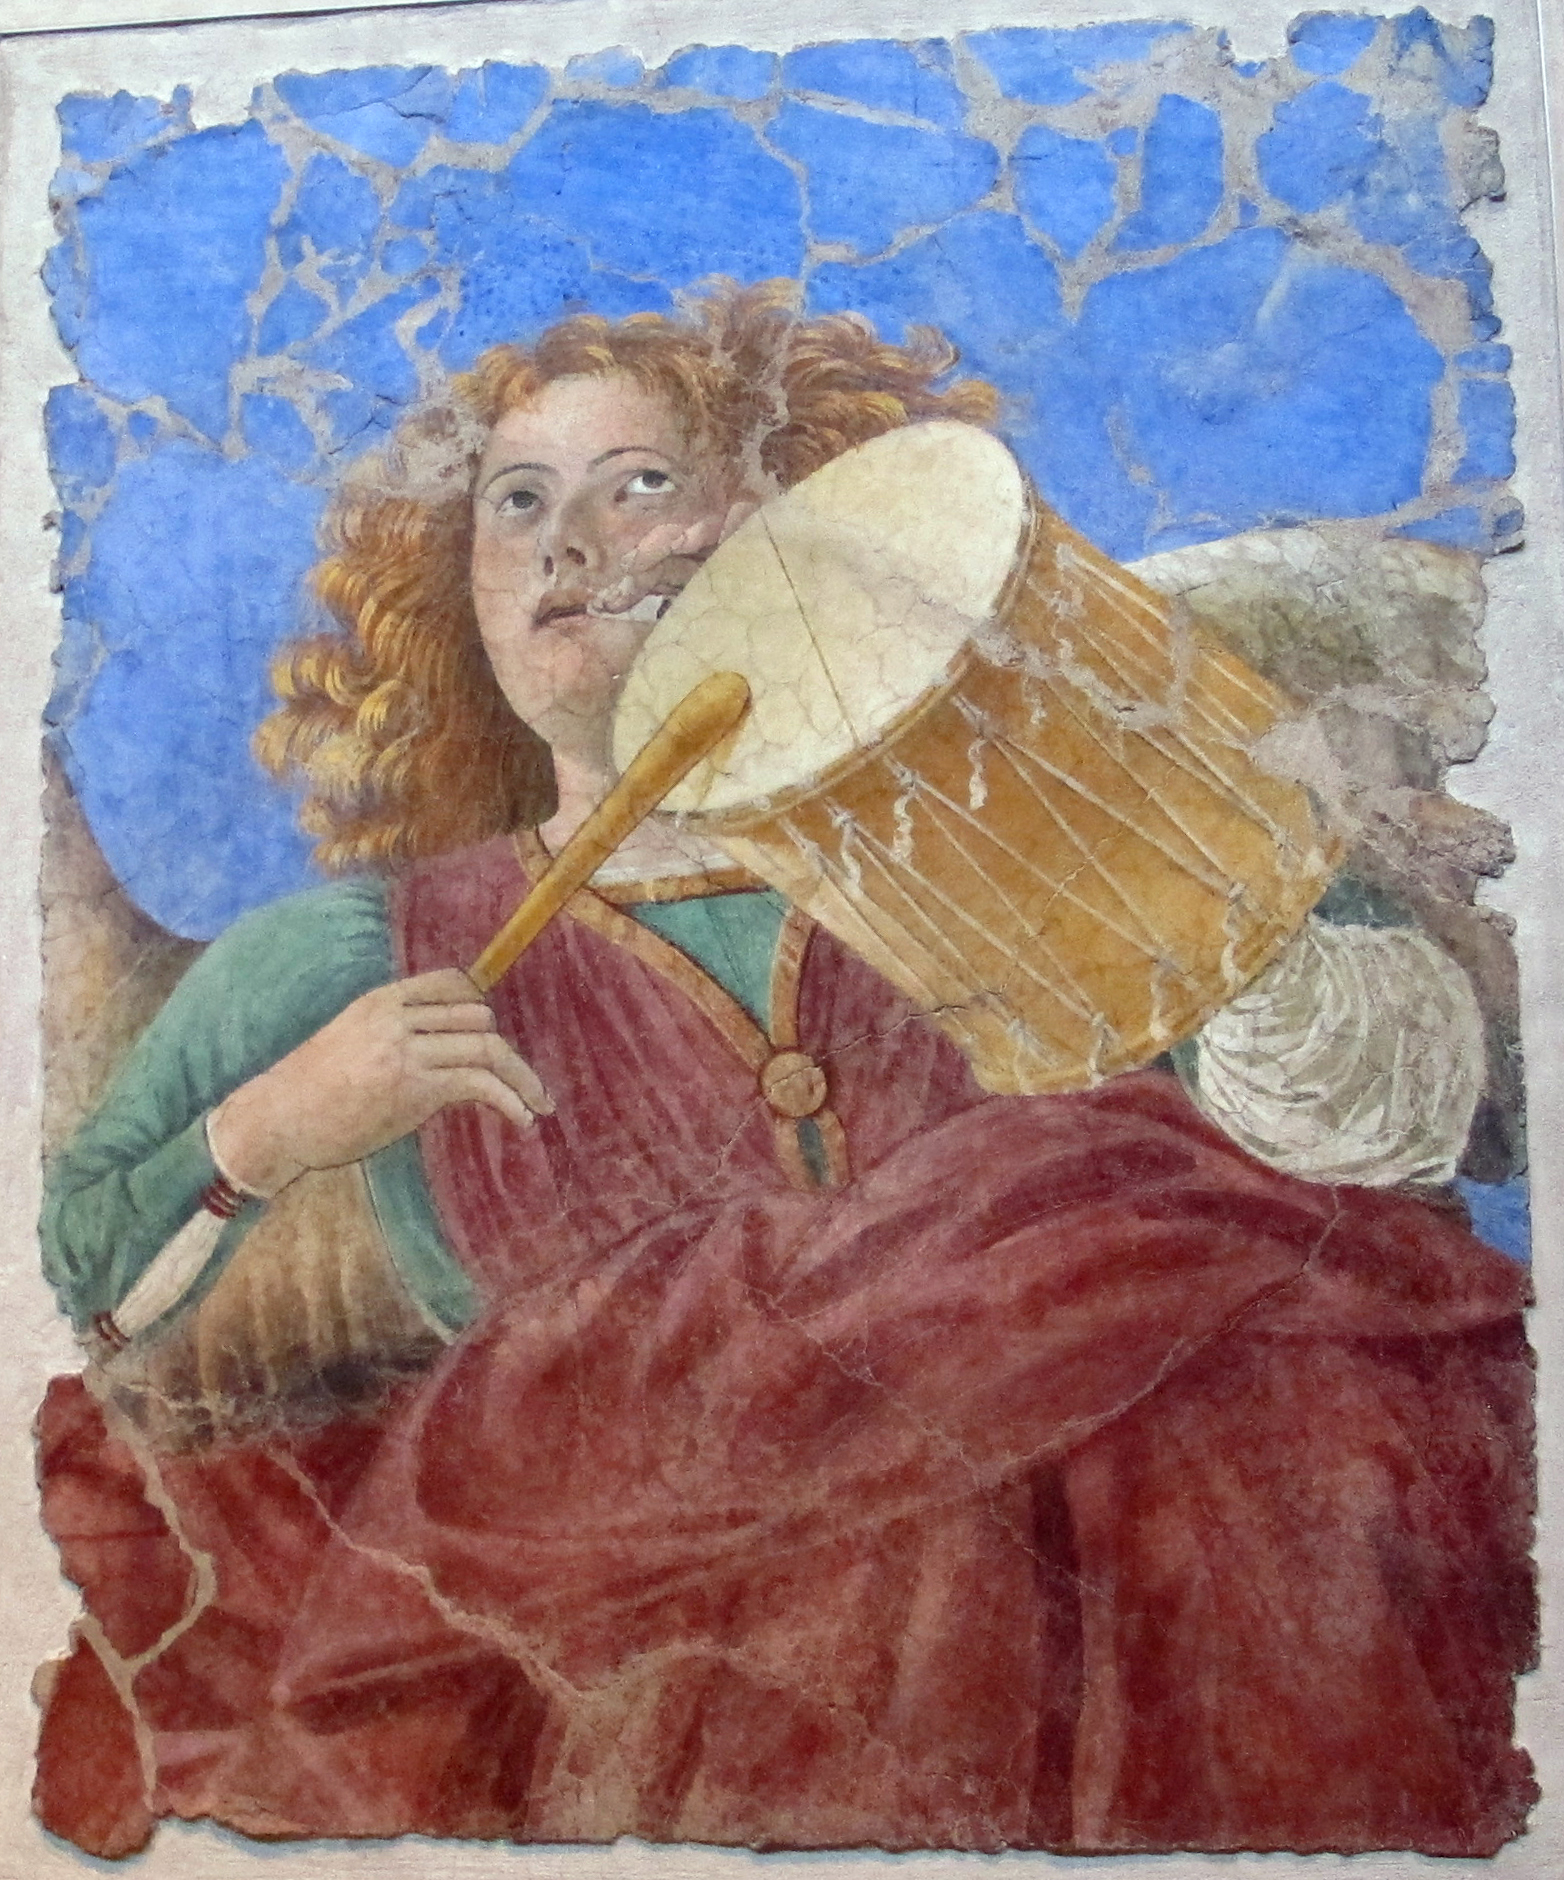 melozzo_da_forlc3ac2c_angeli_musicanti2c_1480_ca-2c_da_ss-_apostoli2c_05